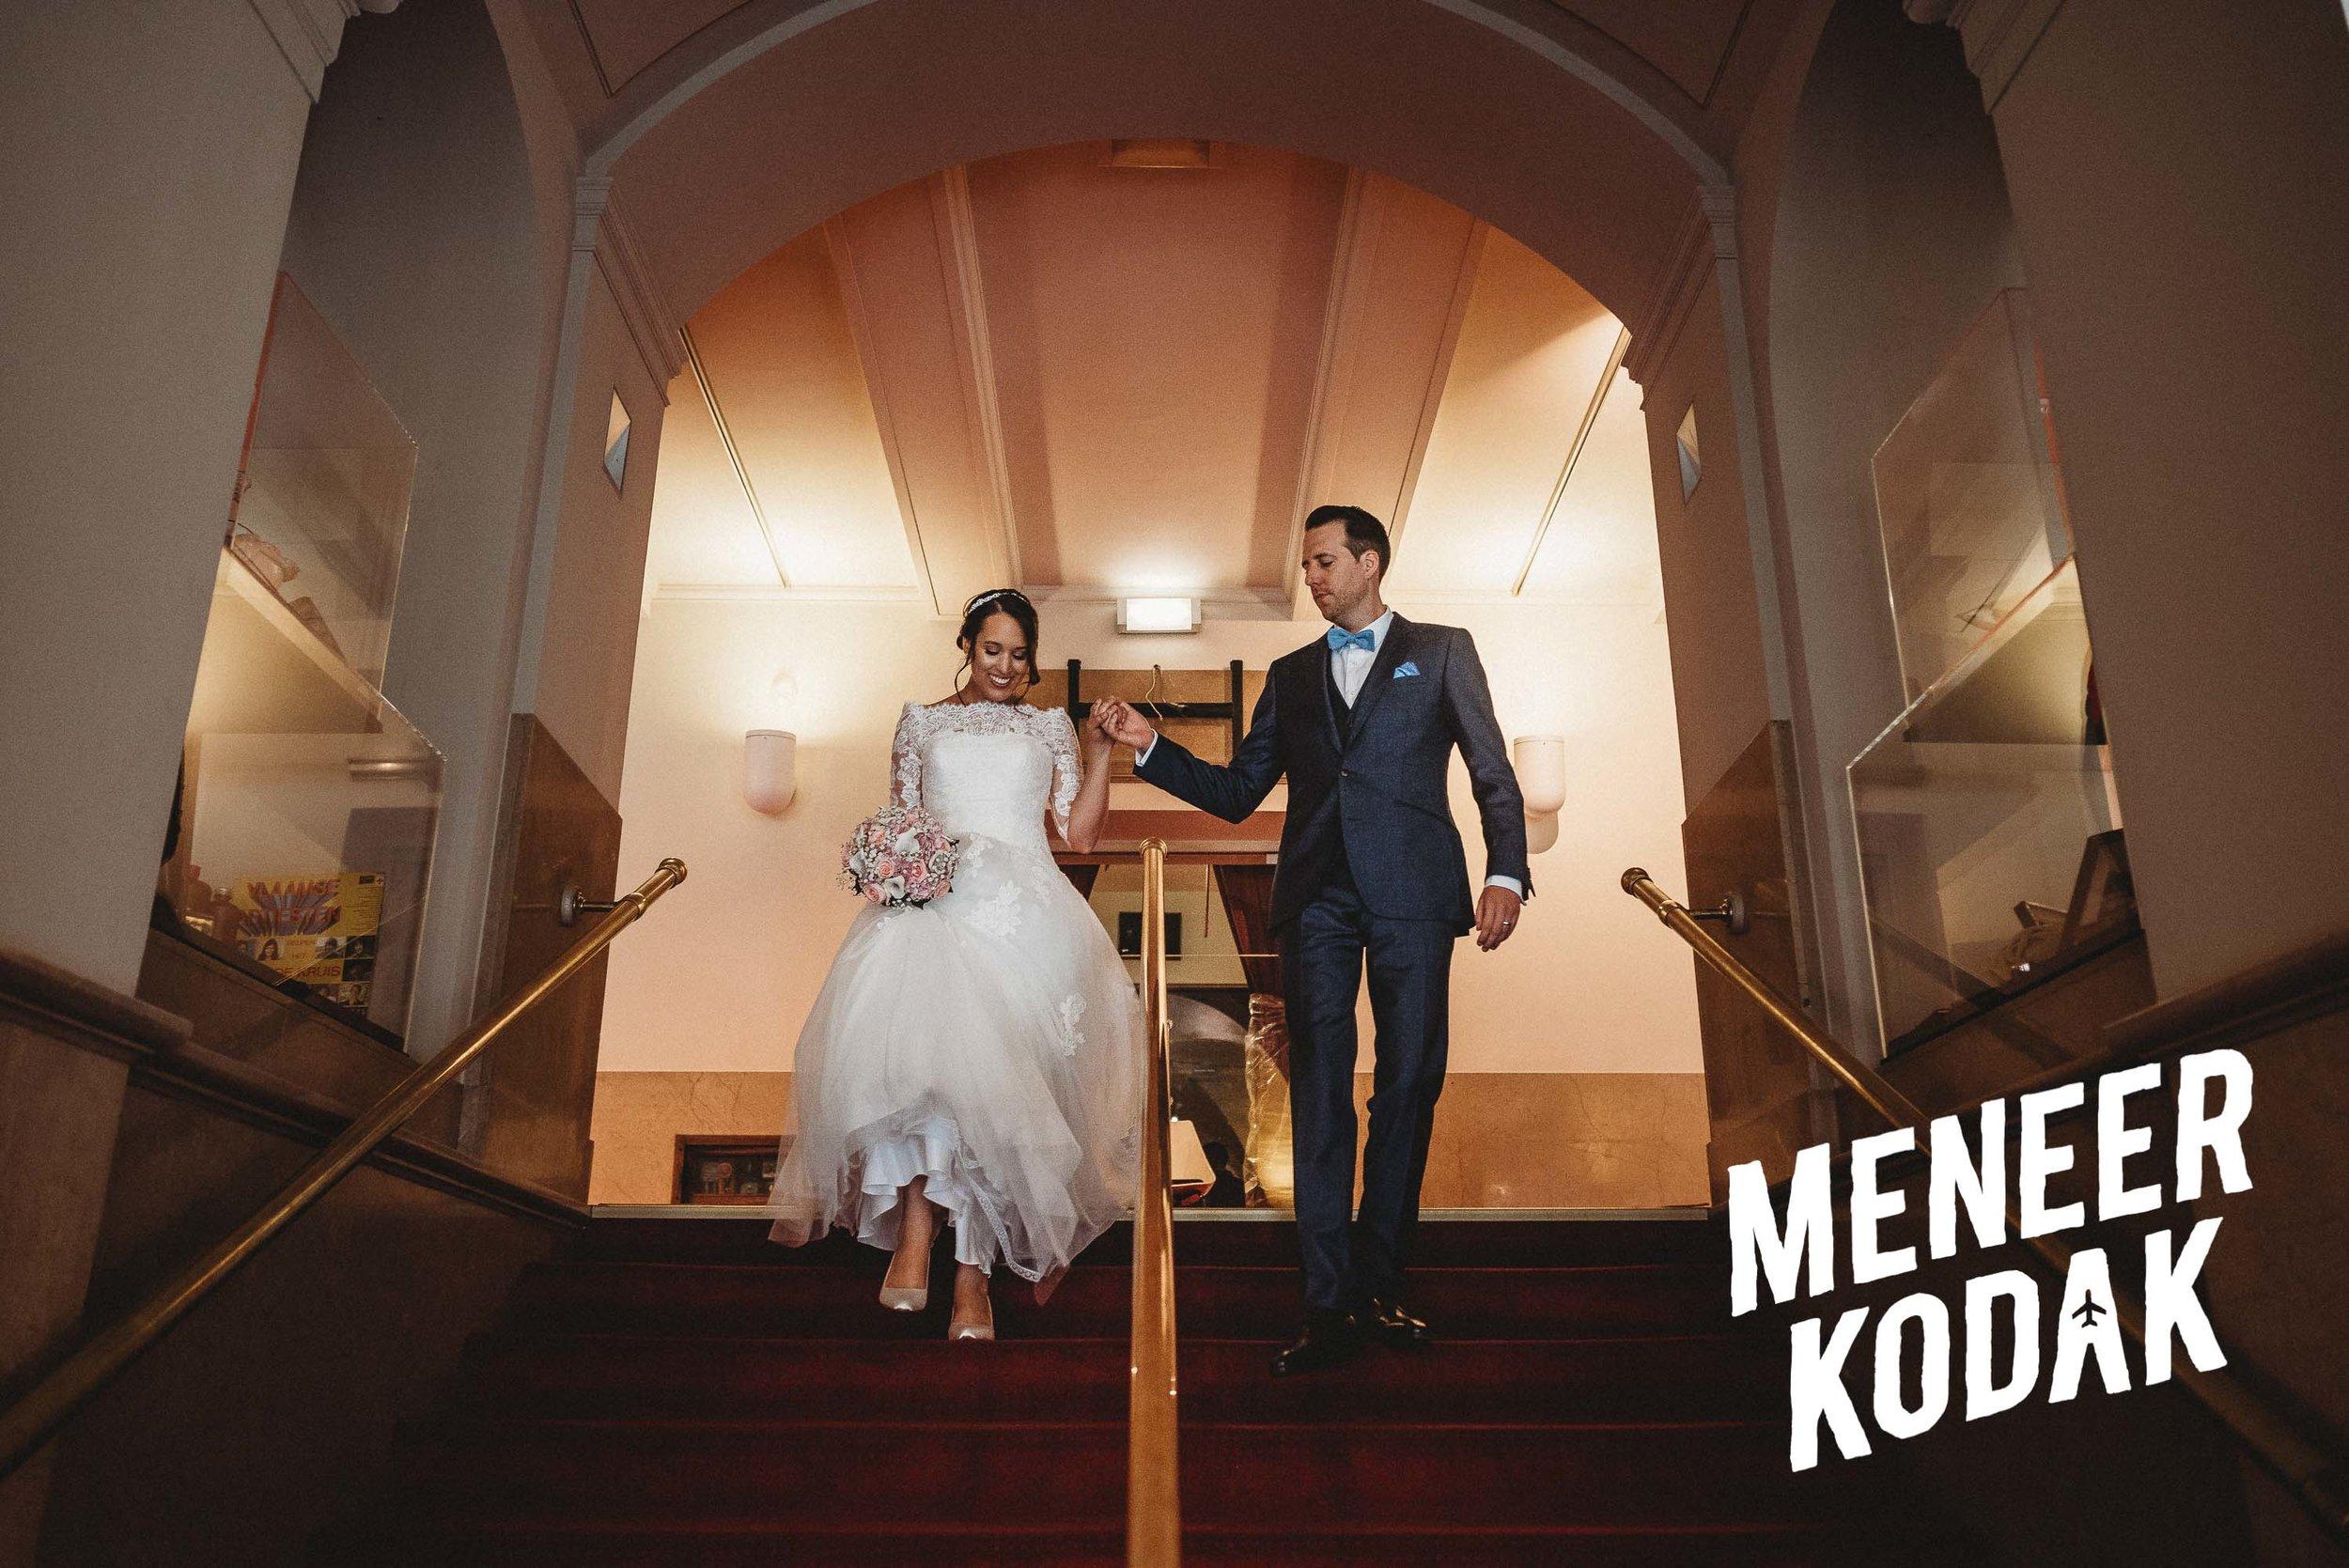 Meneer Kodak - Trouwfotograaf - Gent - D&T-039.jpg